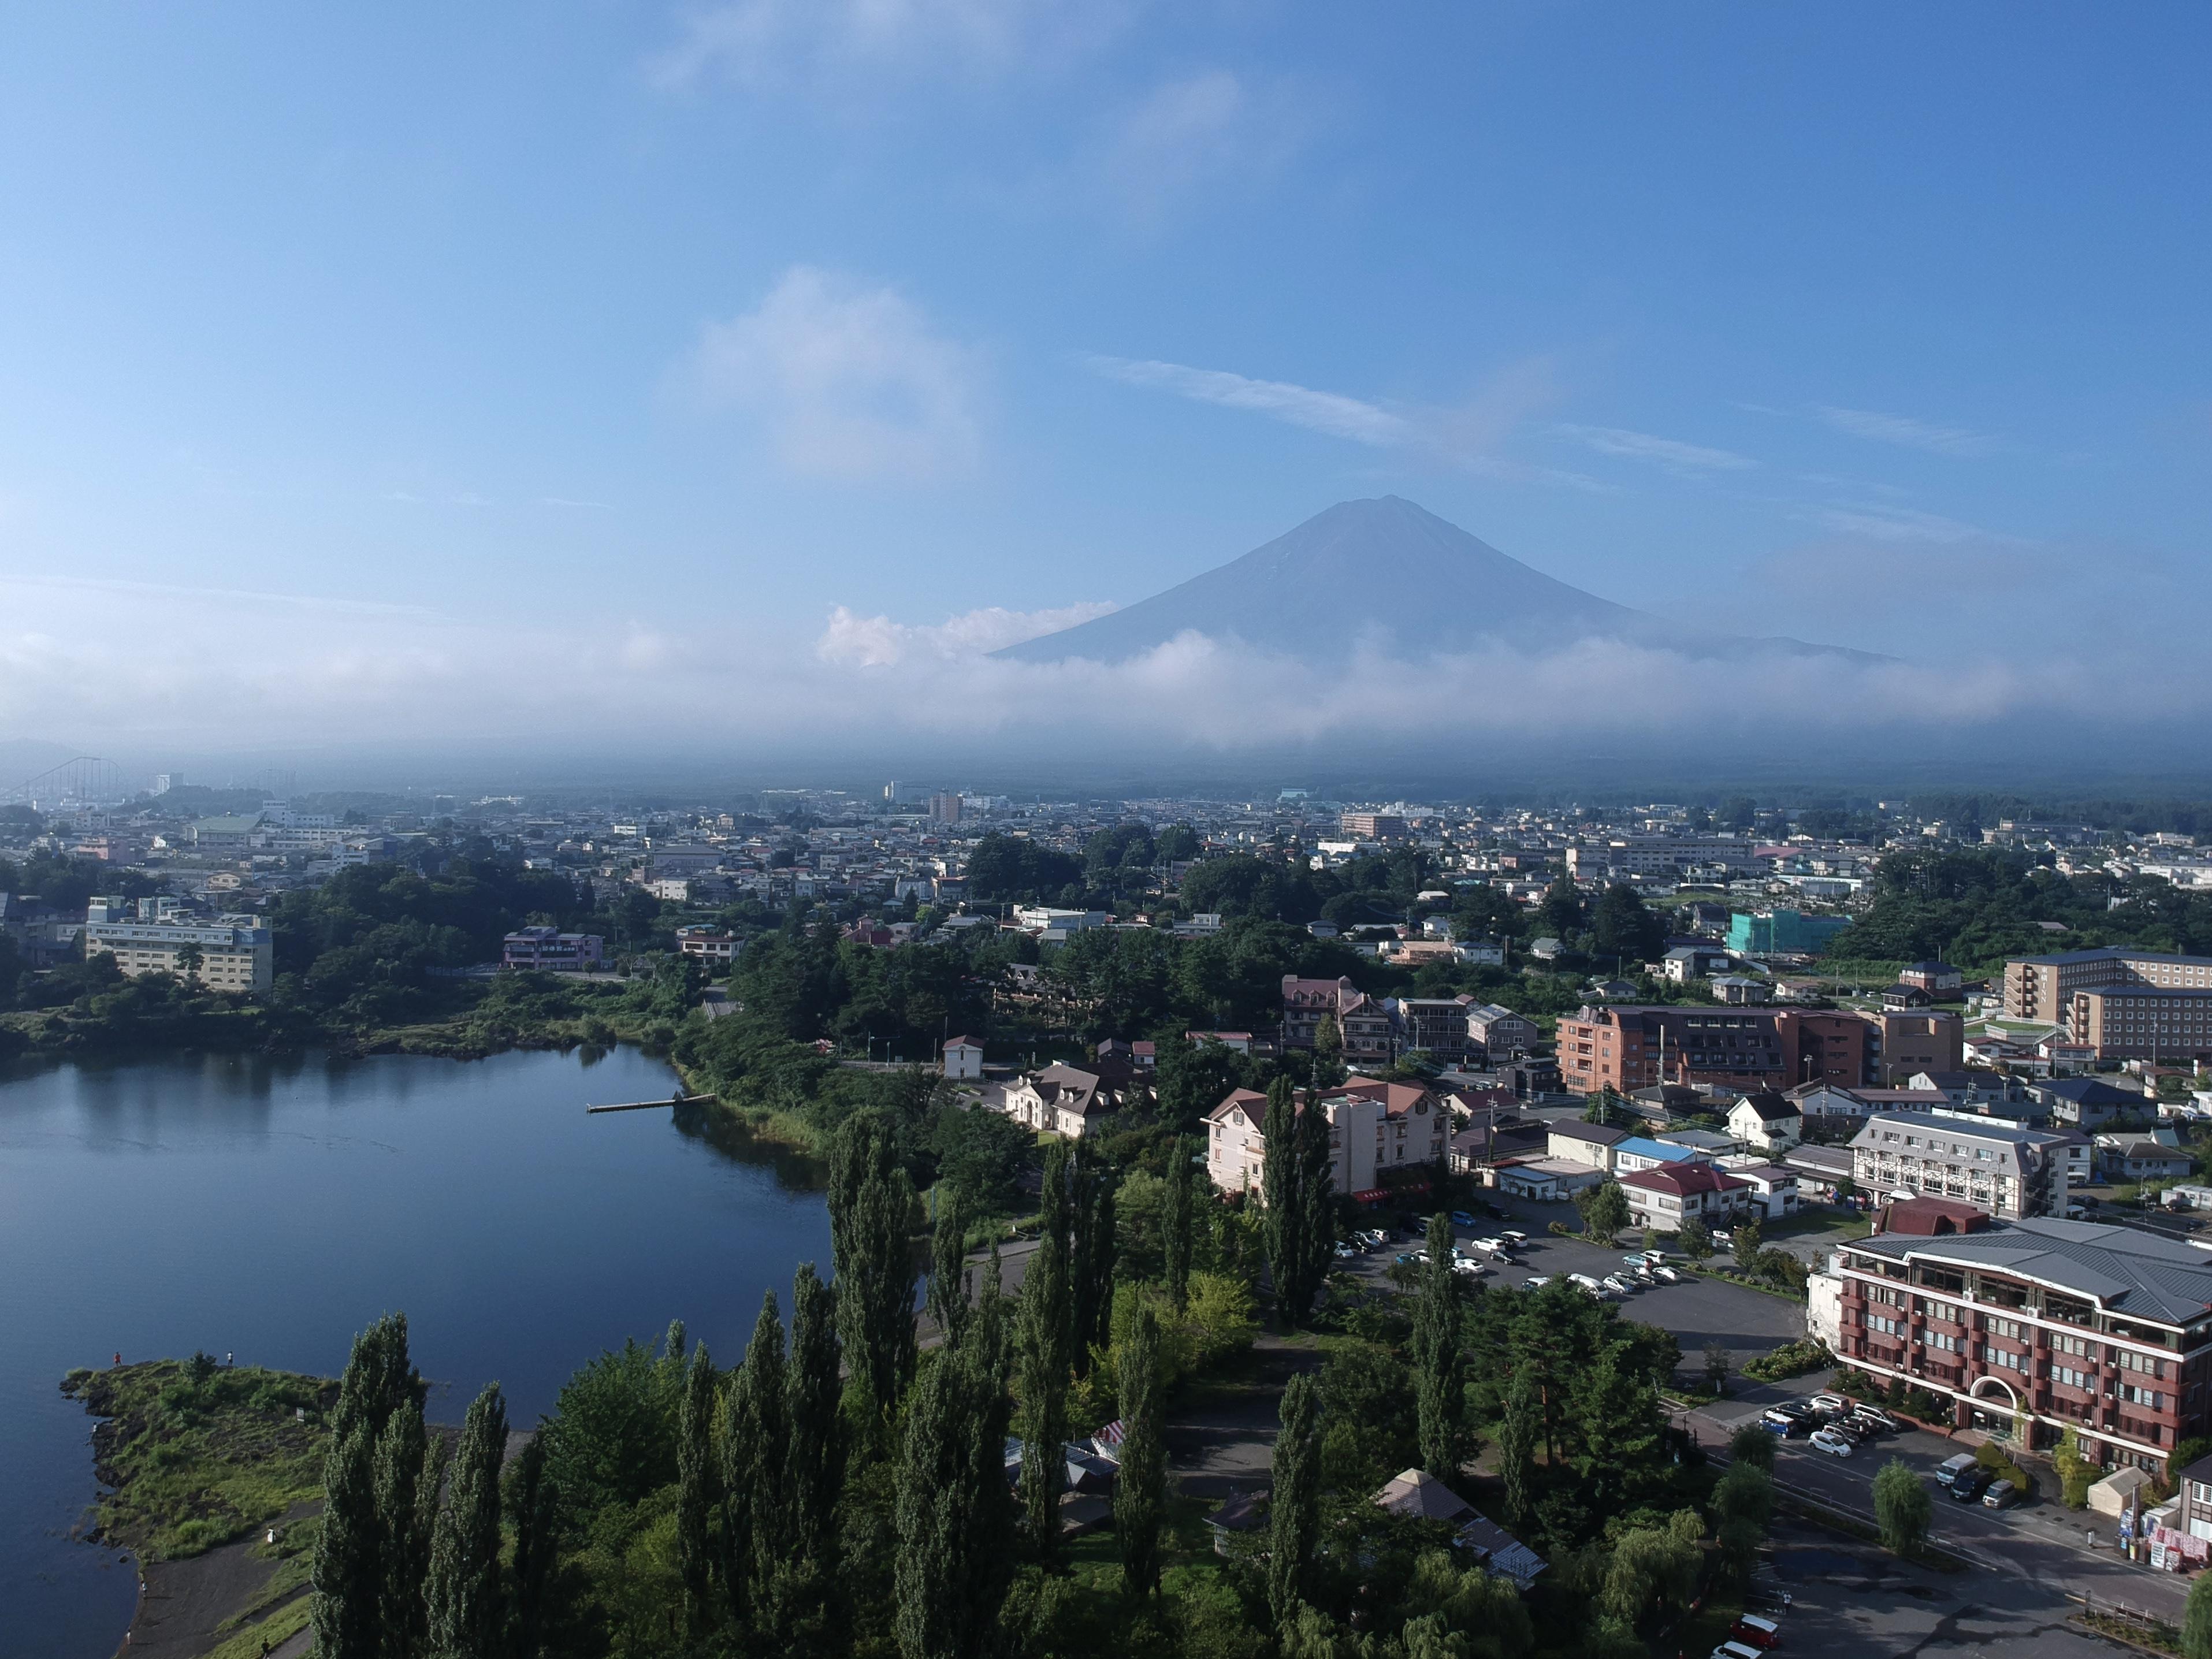 富士山と河口湖の写真を追加しました